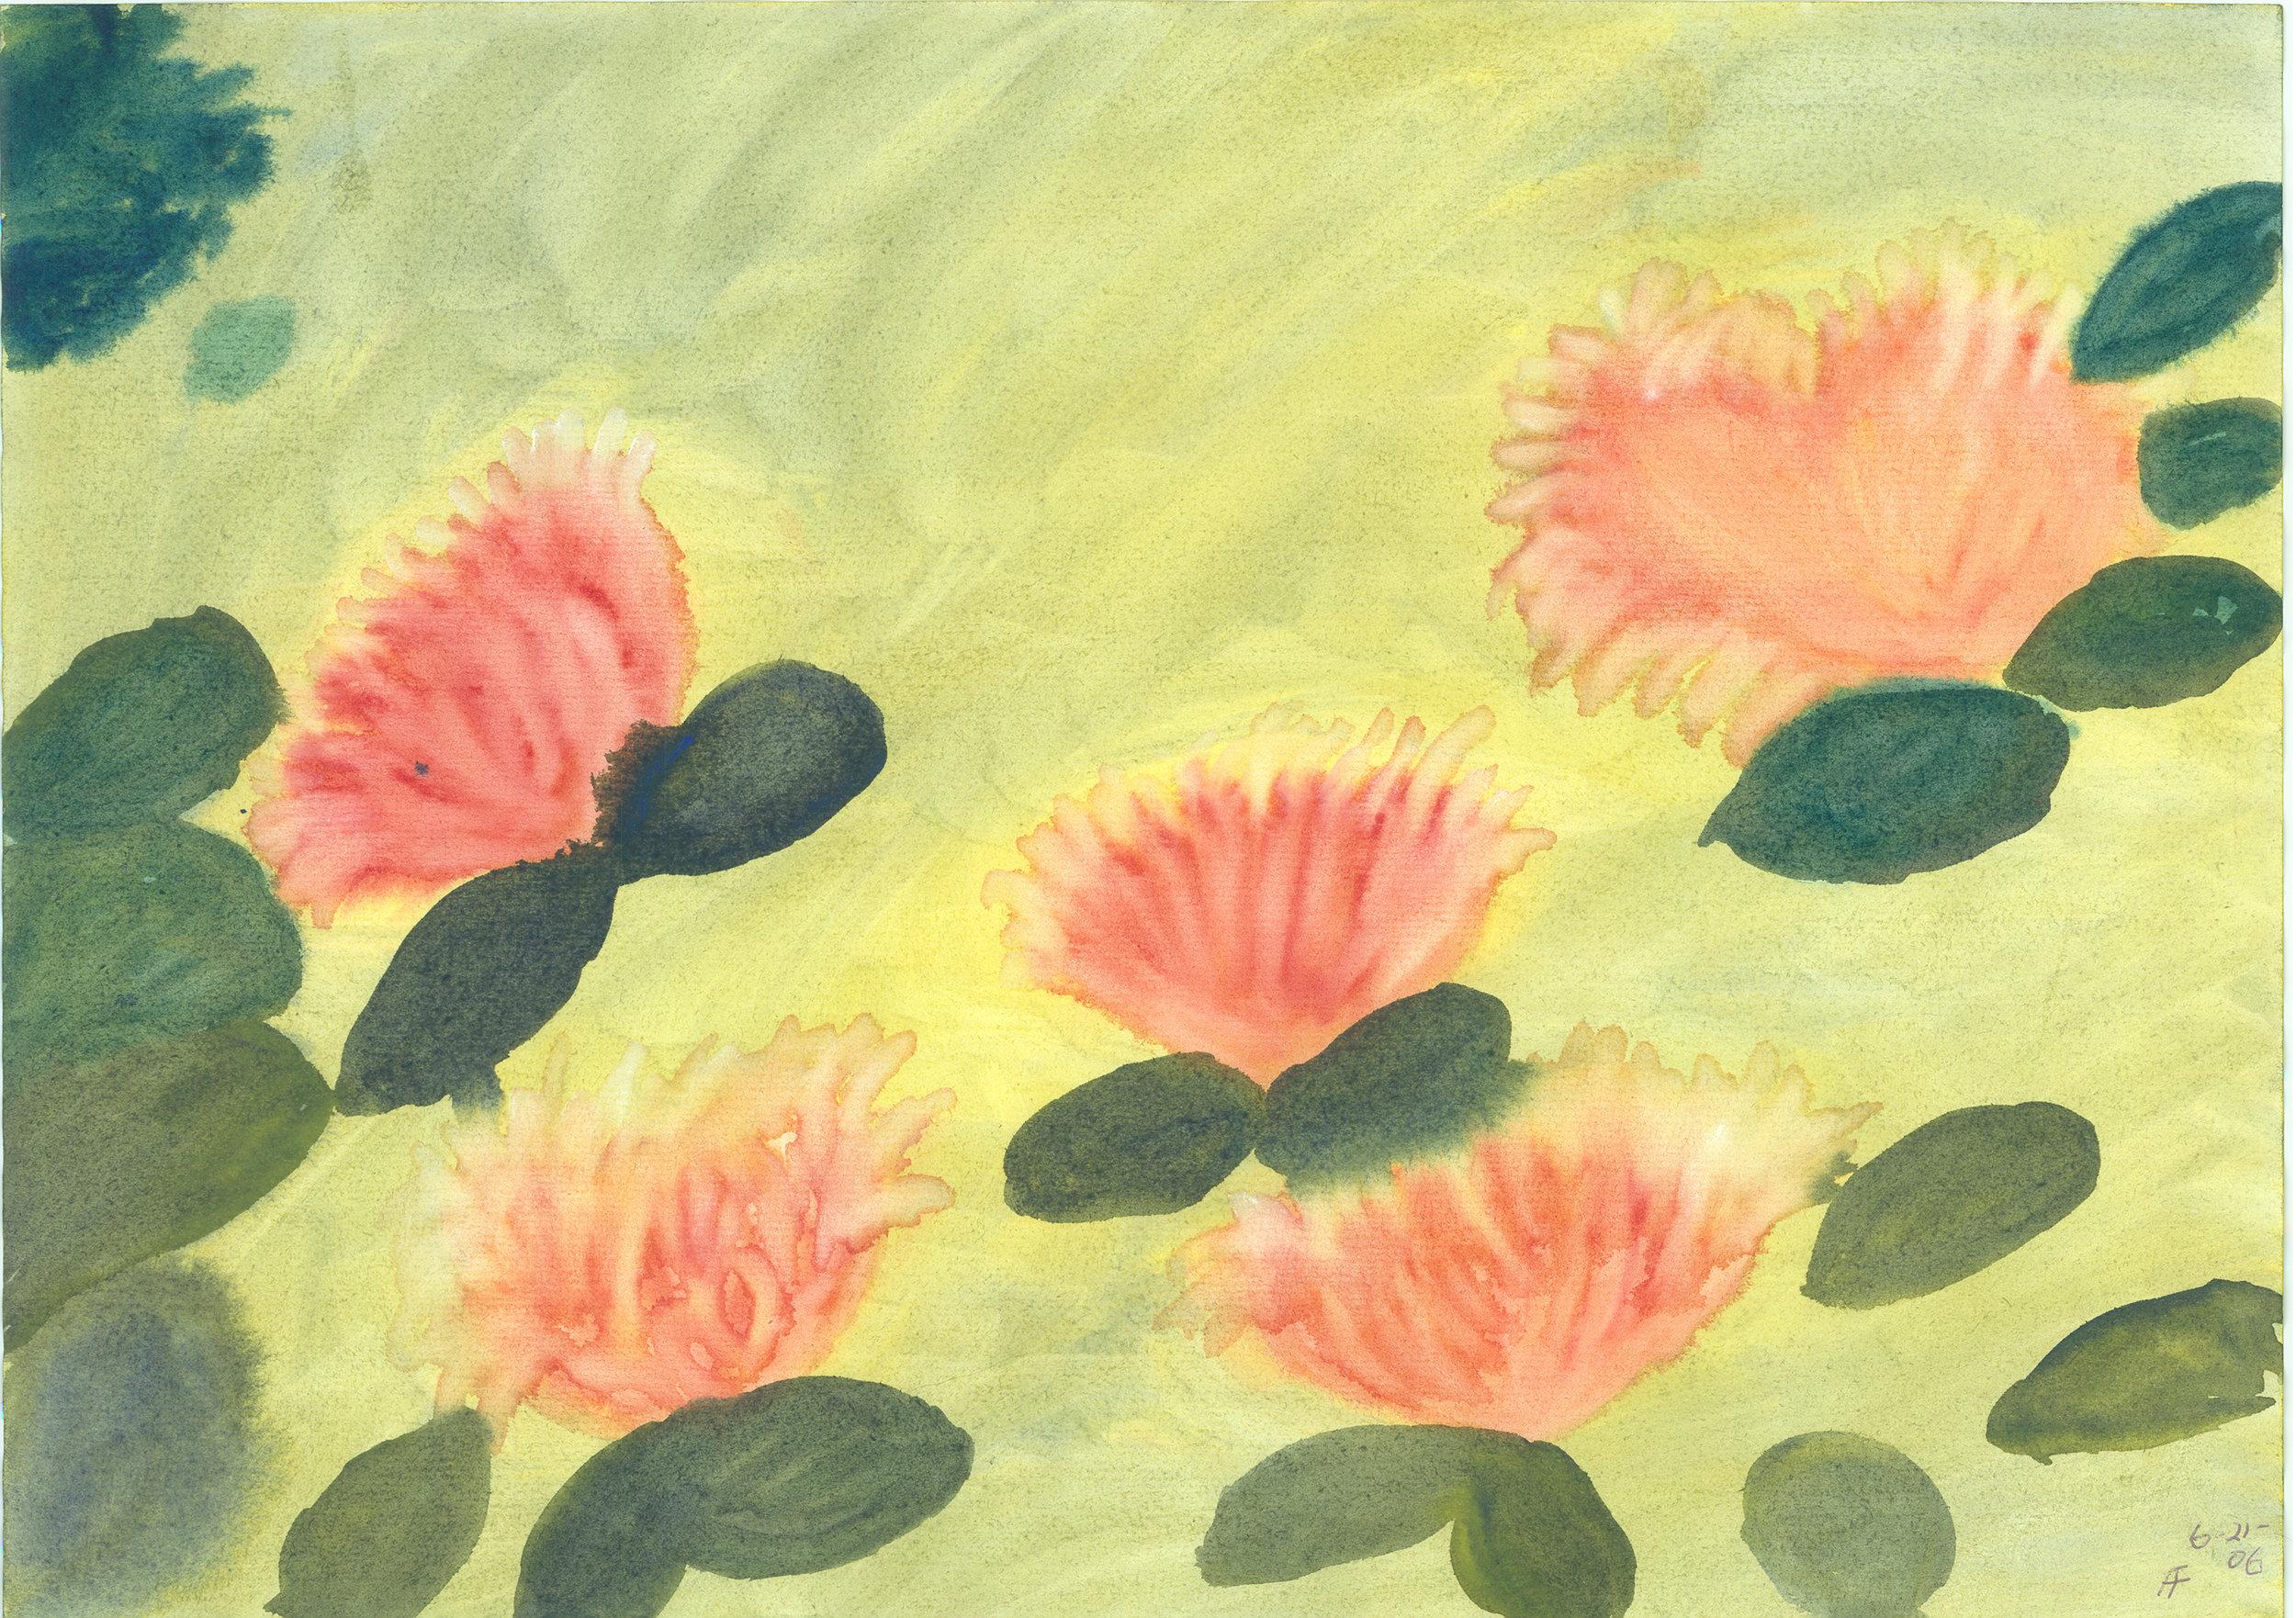 ec781 Anne Frank HWcolors CD1.jpg